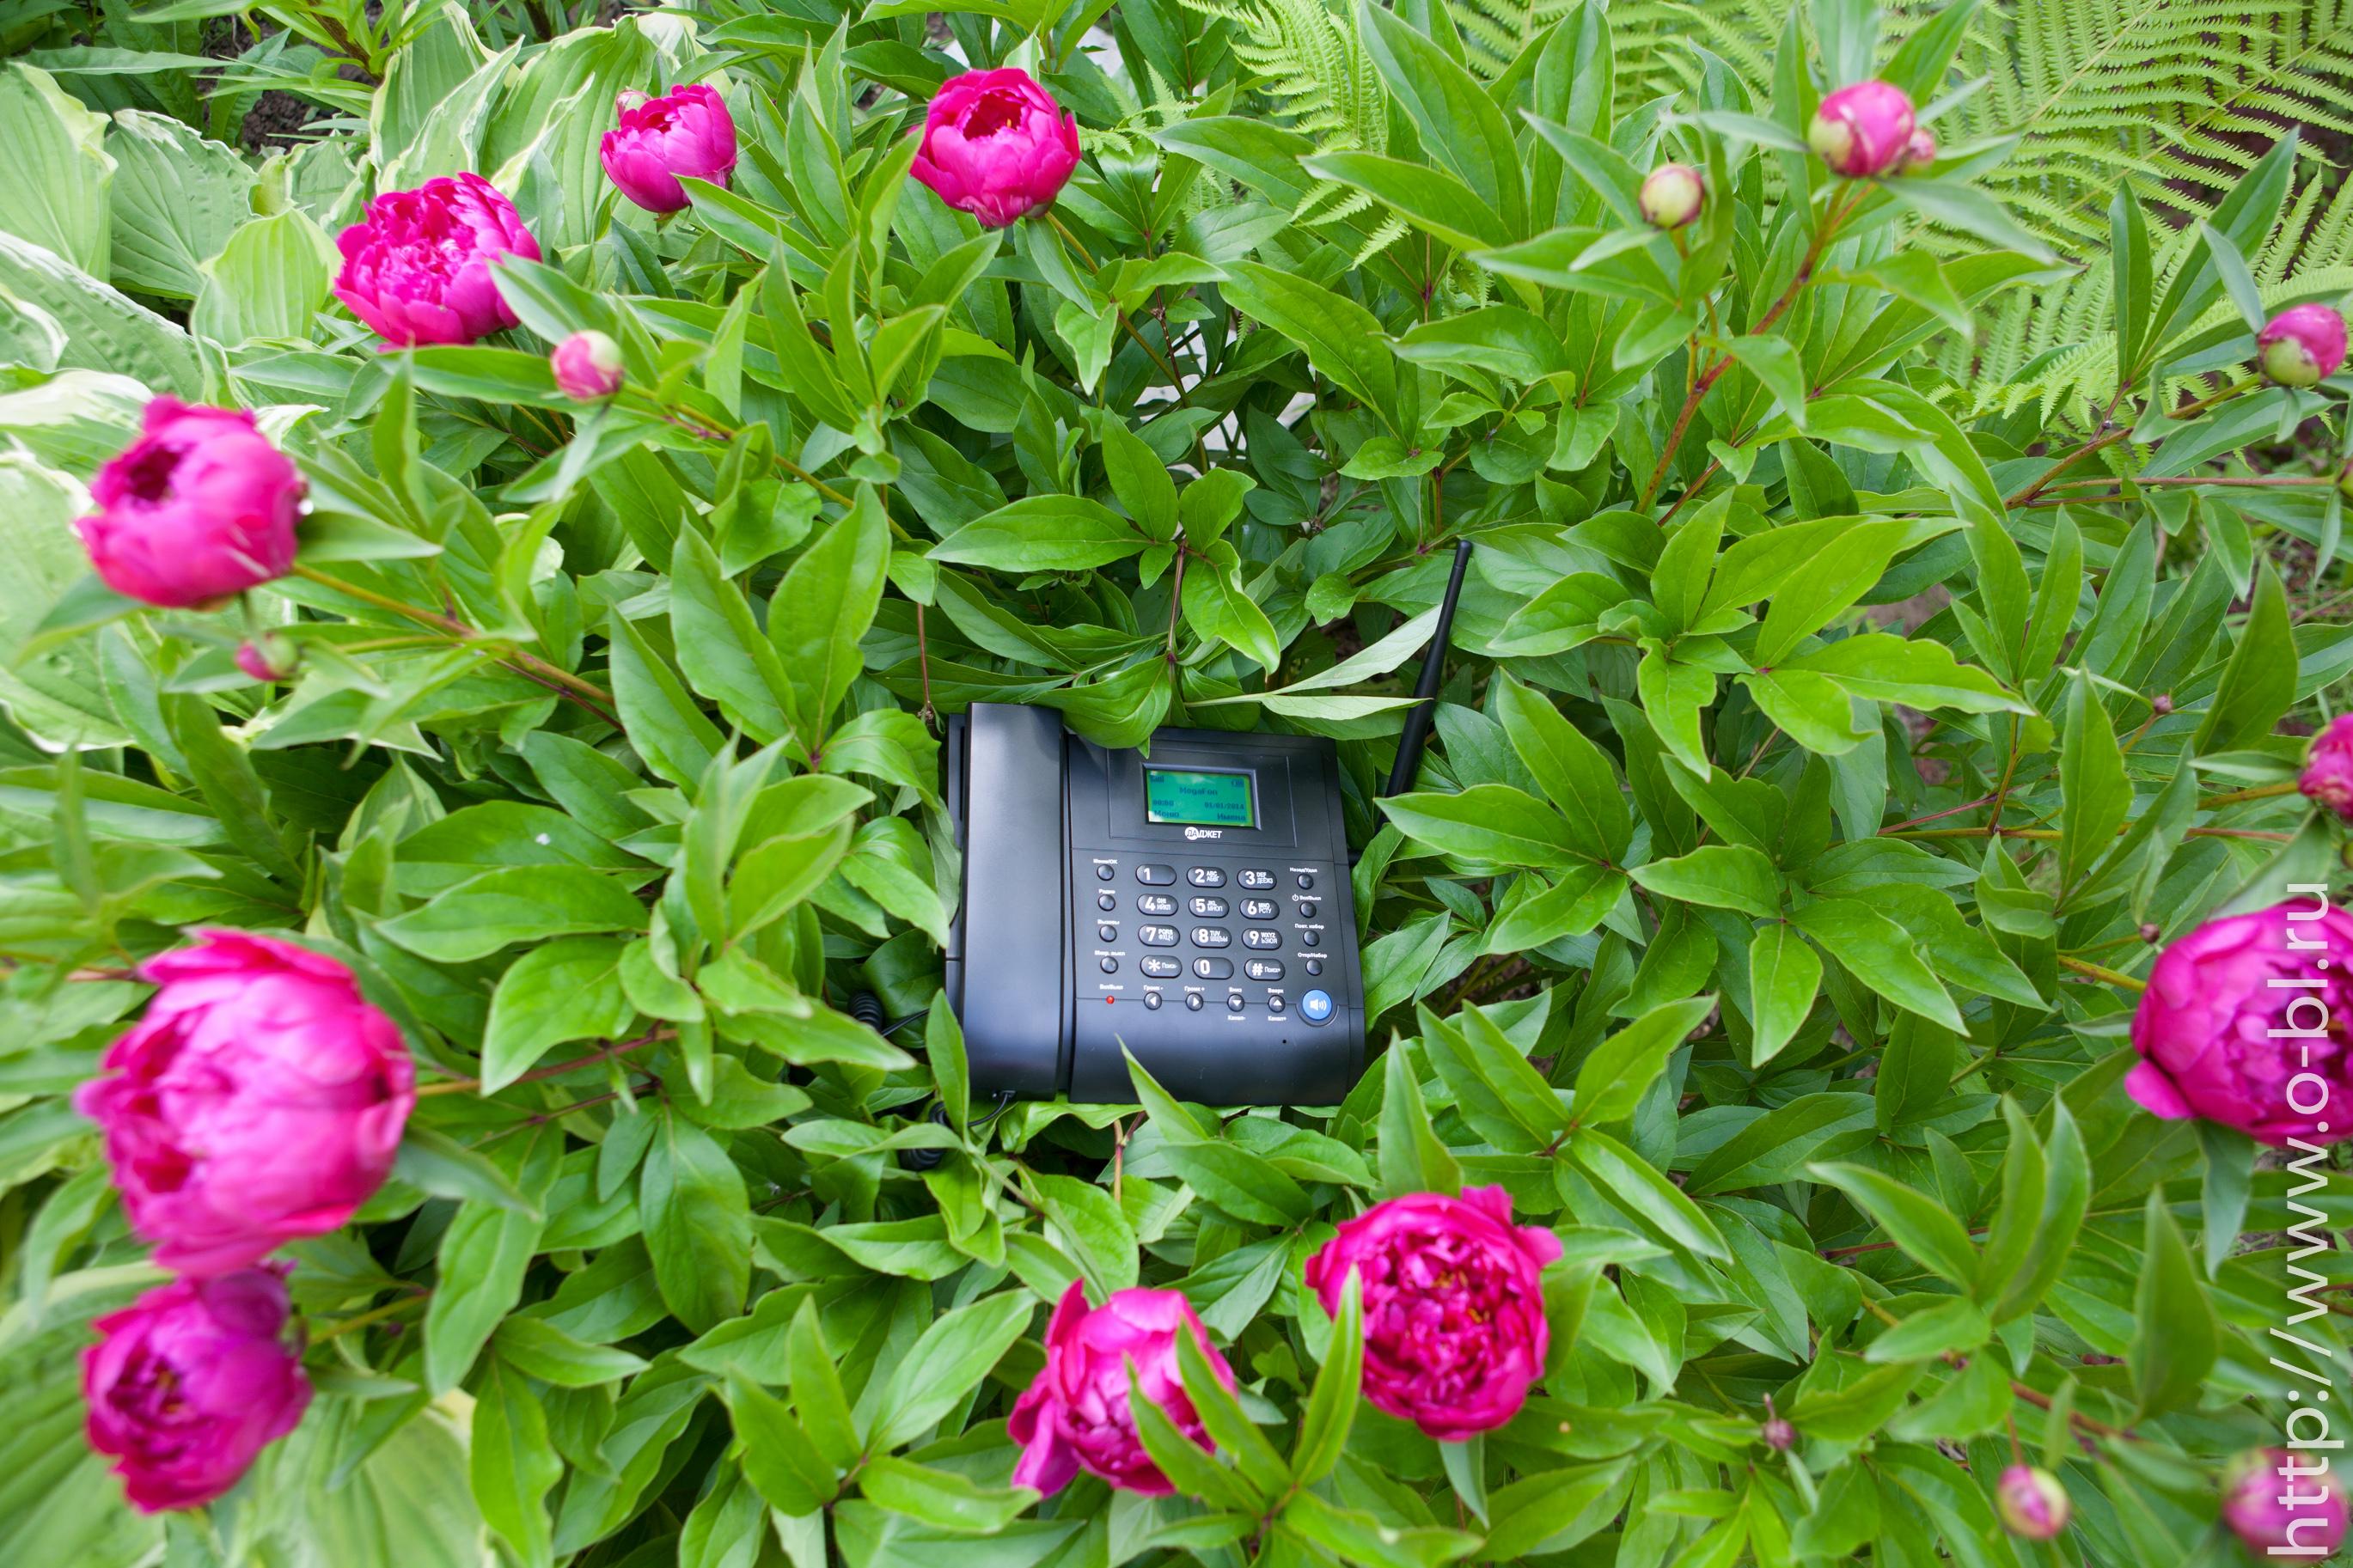 Ничто не мешает использовать телефон и на улице